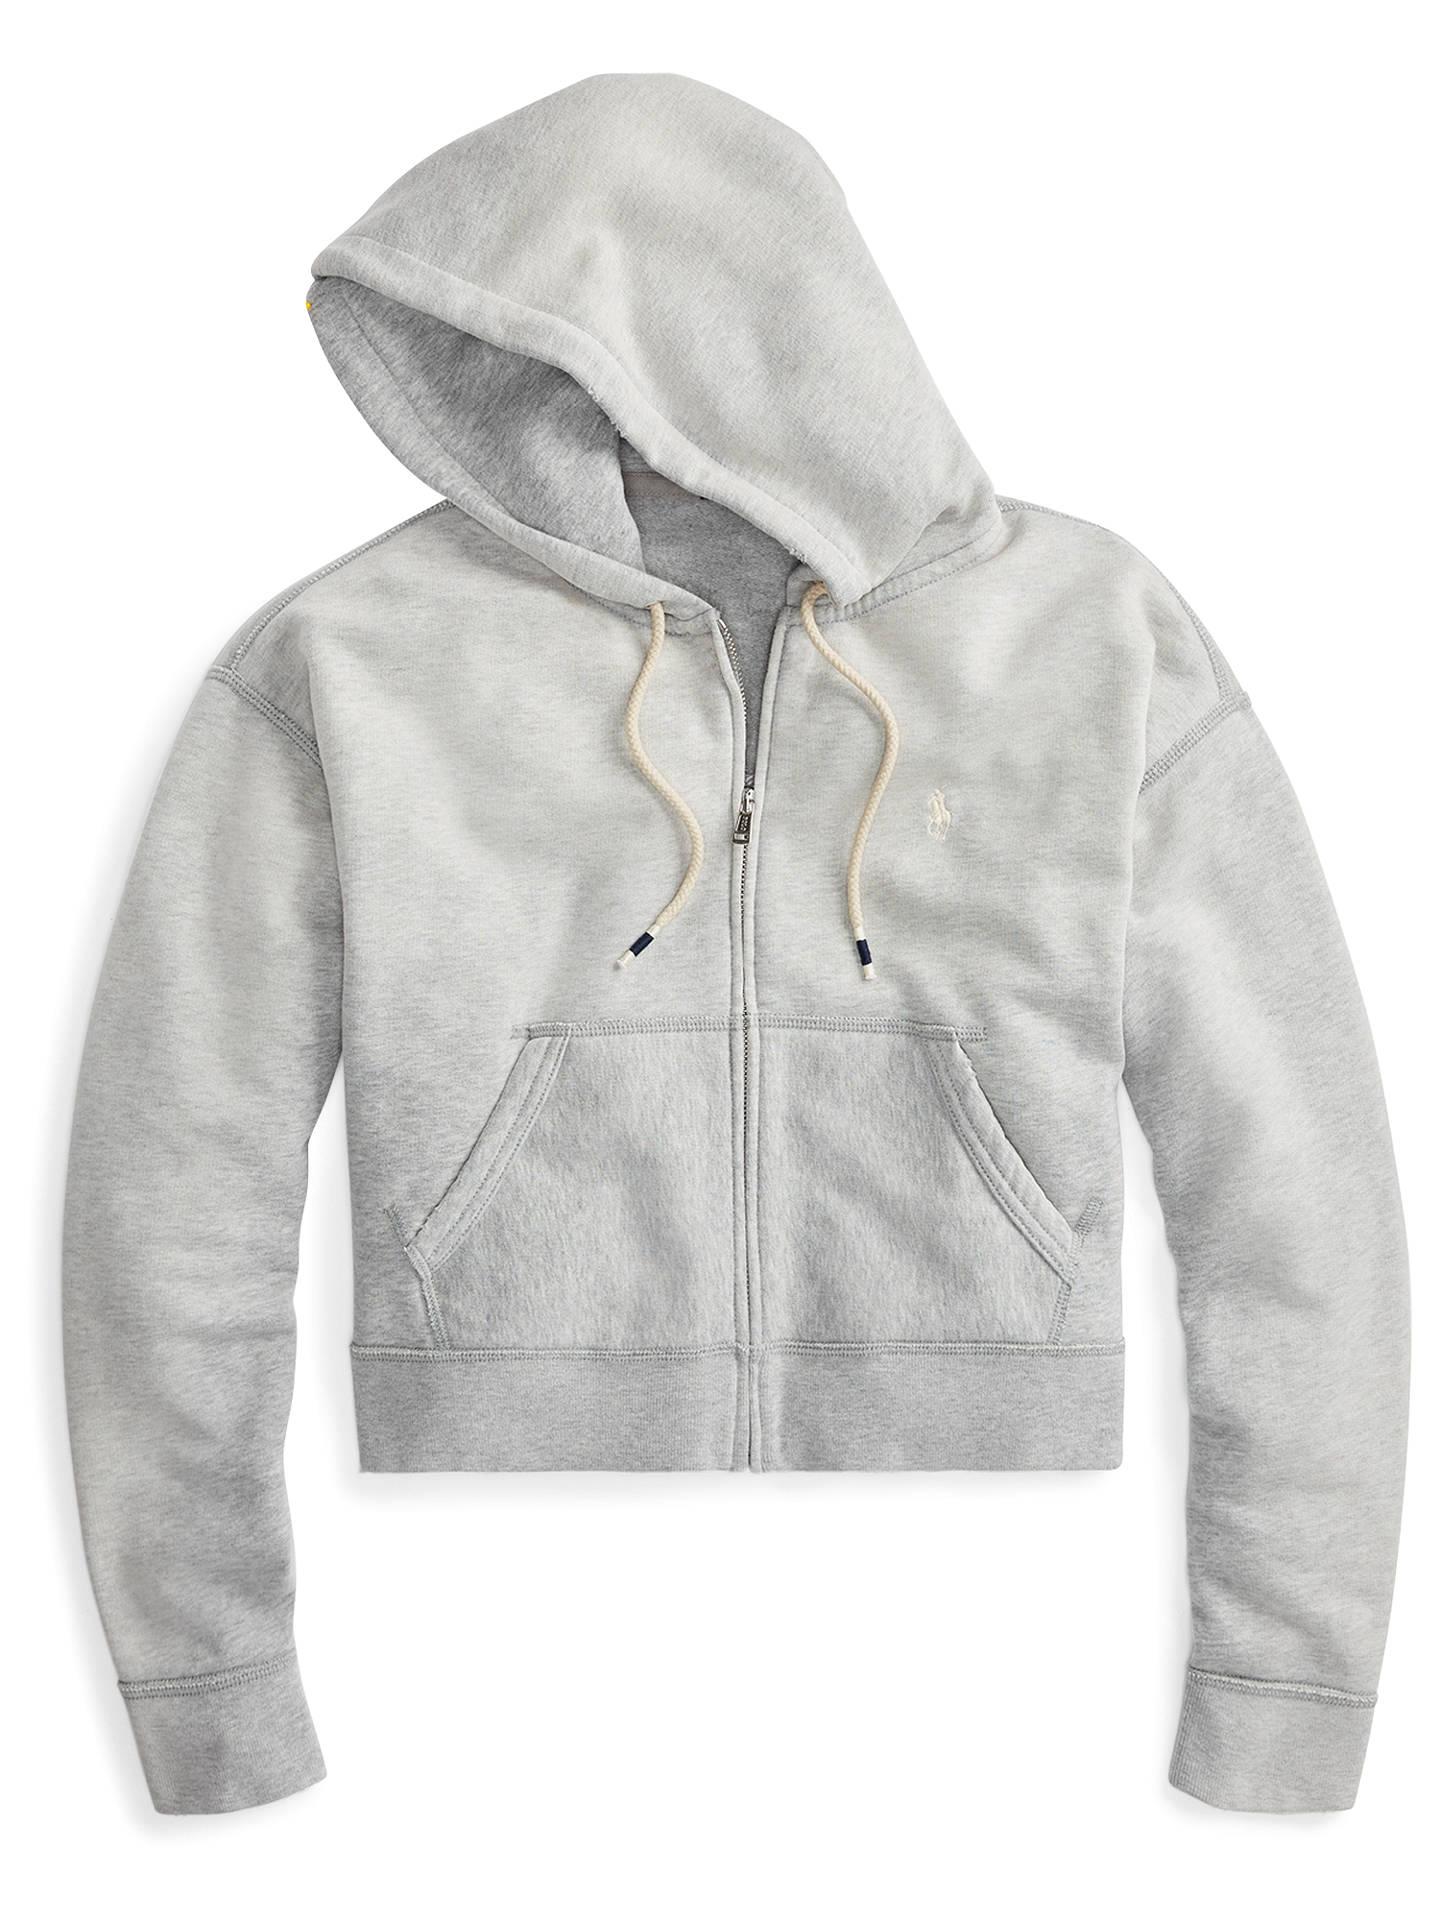 996e104c06457 ... Buy Polo Ralph Lauren Cropped Fleece Full-Zip Hoodie